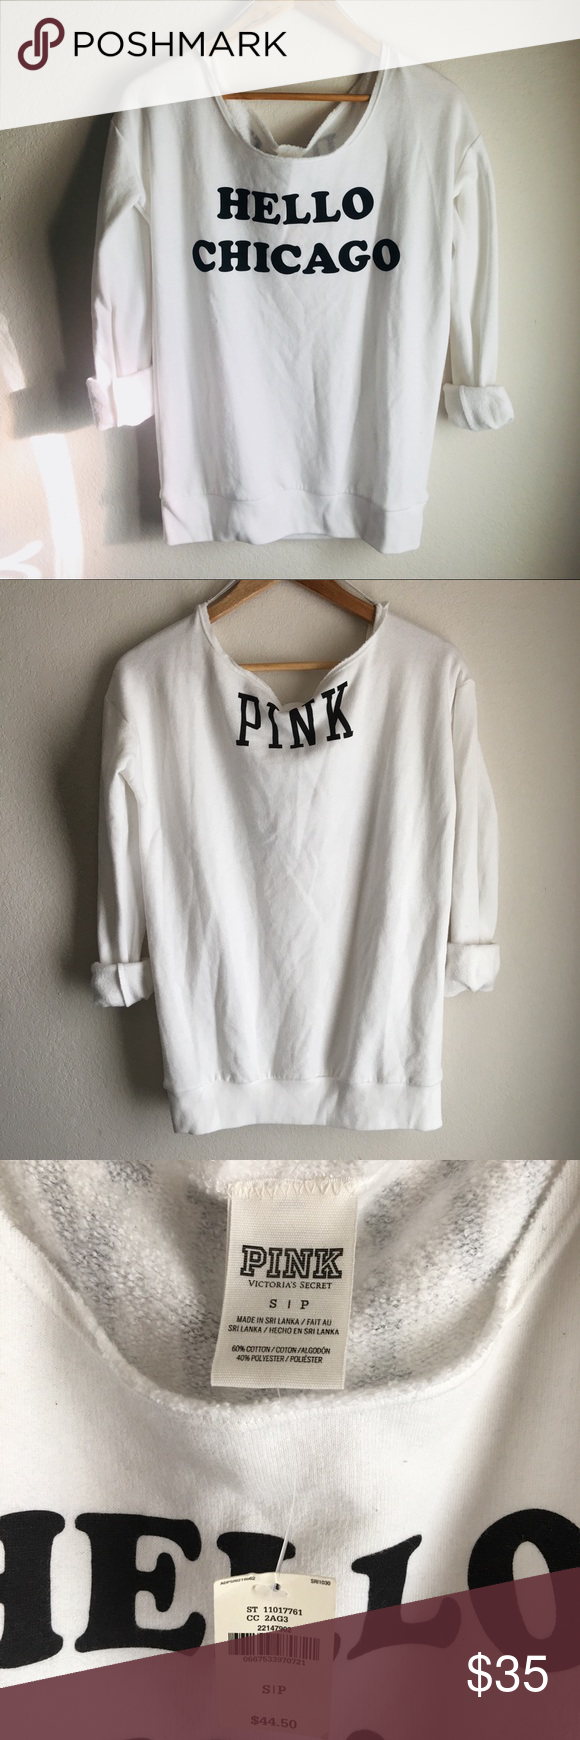 558f4cdd9afe Victoria s Secret PINK